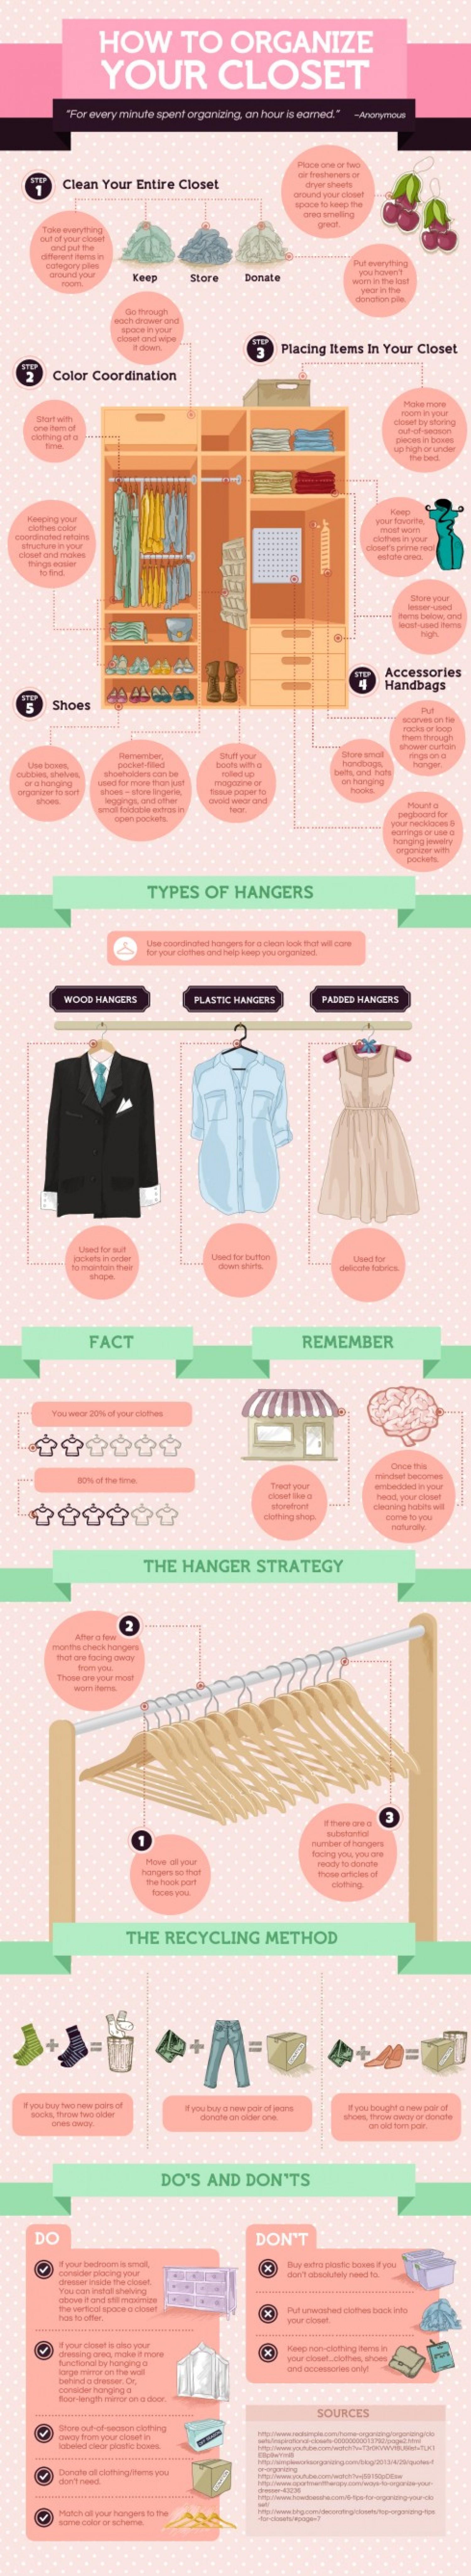 how-to-organize-your-closet_526fd07372301_w1500